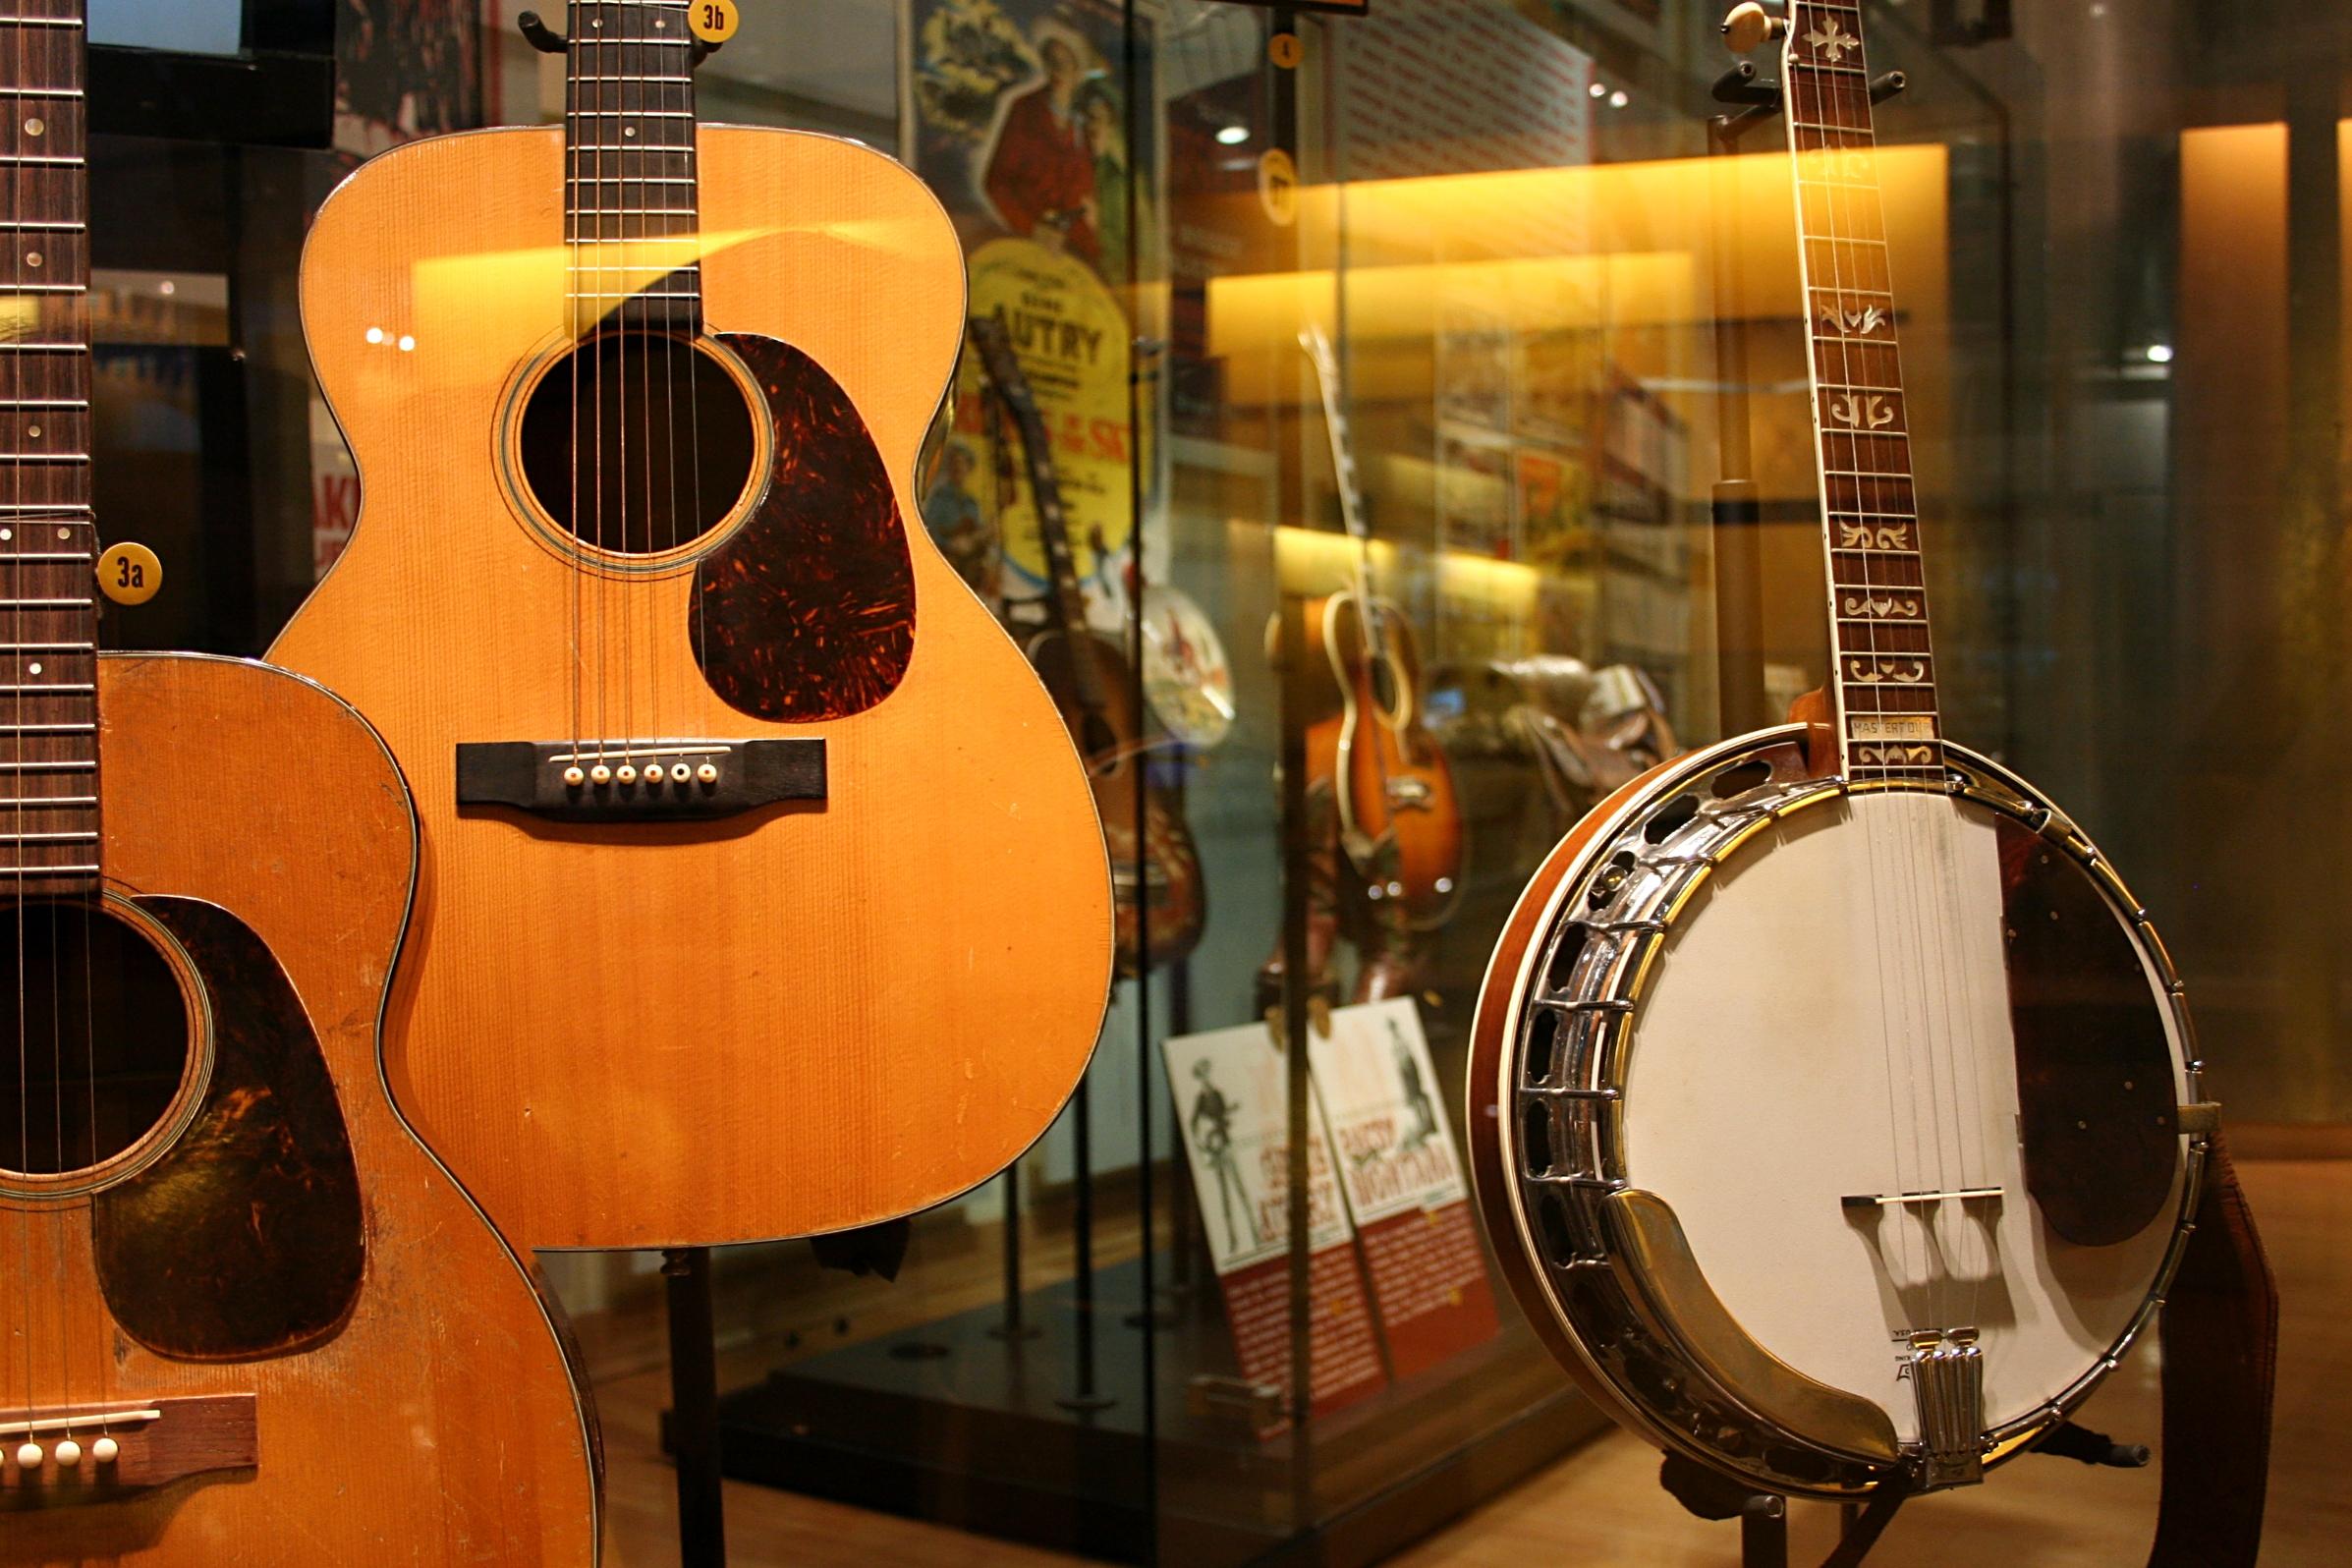 V Nashville pochopitelně mají i muzeum country, to by jinak nešlo.